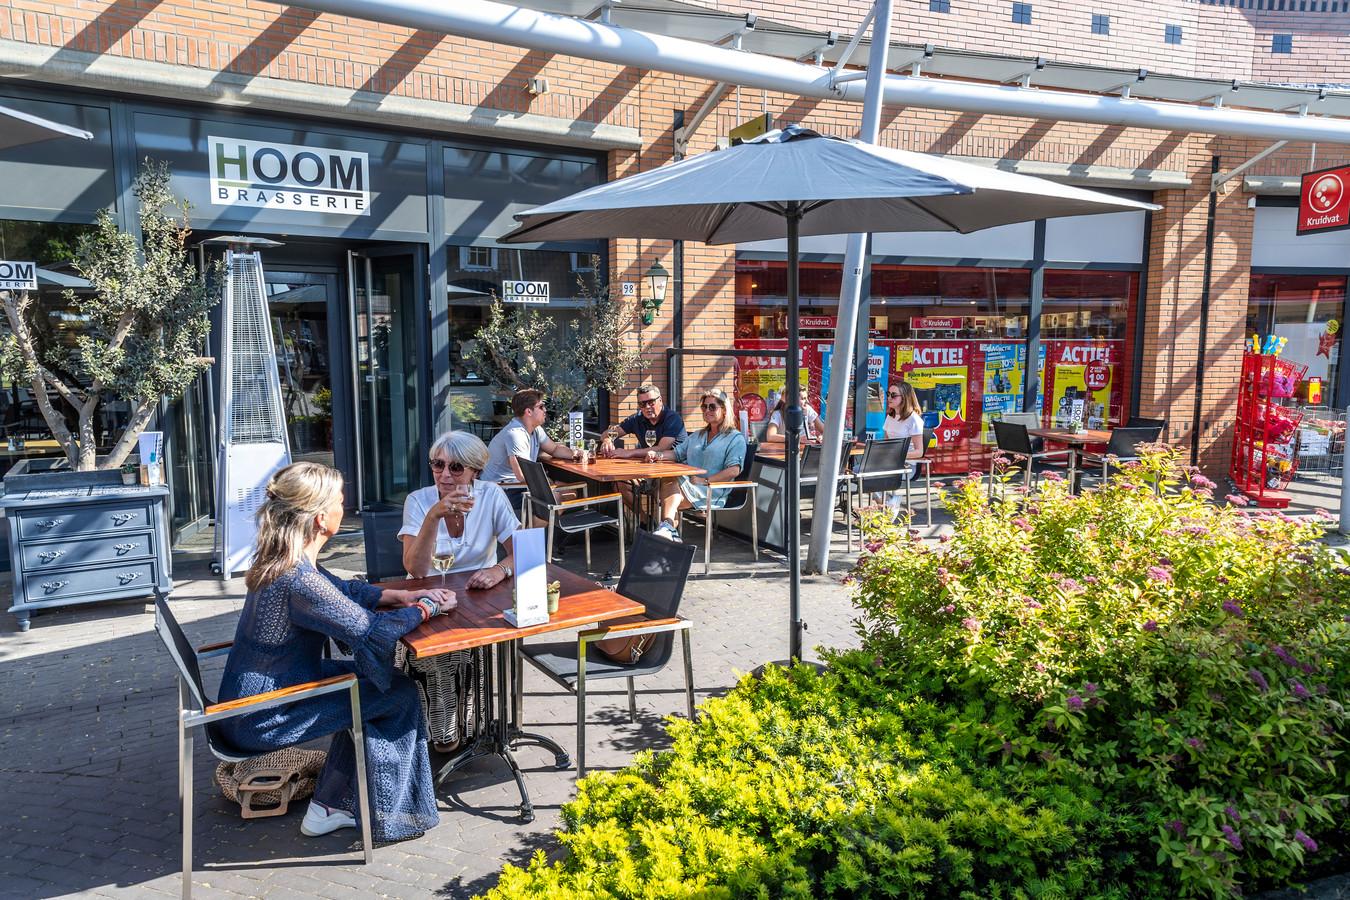 De terrassen mogen vanaf 1 juni weer open. Ook brasserie Hoom mag hun terras uitbreiden tot aan de Kruidvat.